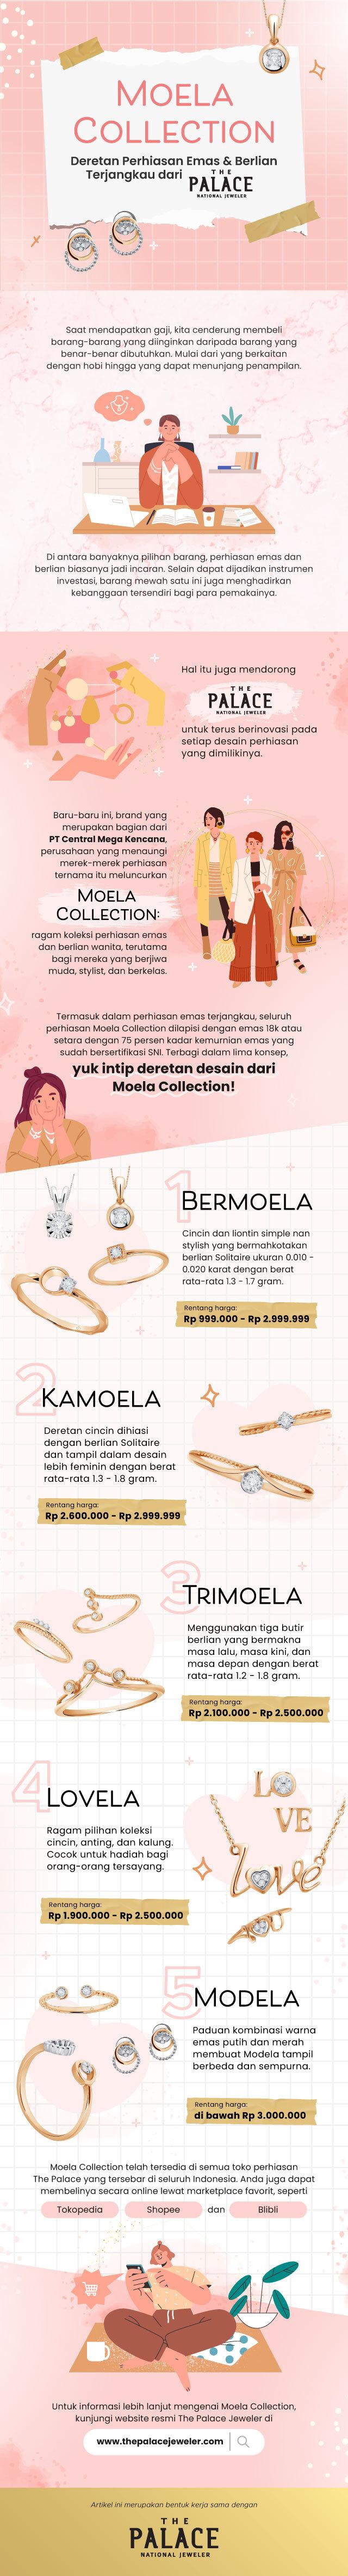 Moela Collection: Deretan Perhiasan Emas & Berlian Terjangkau dari The Palace (65655)